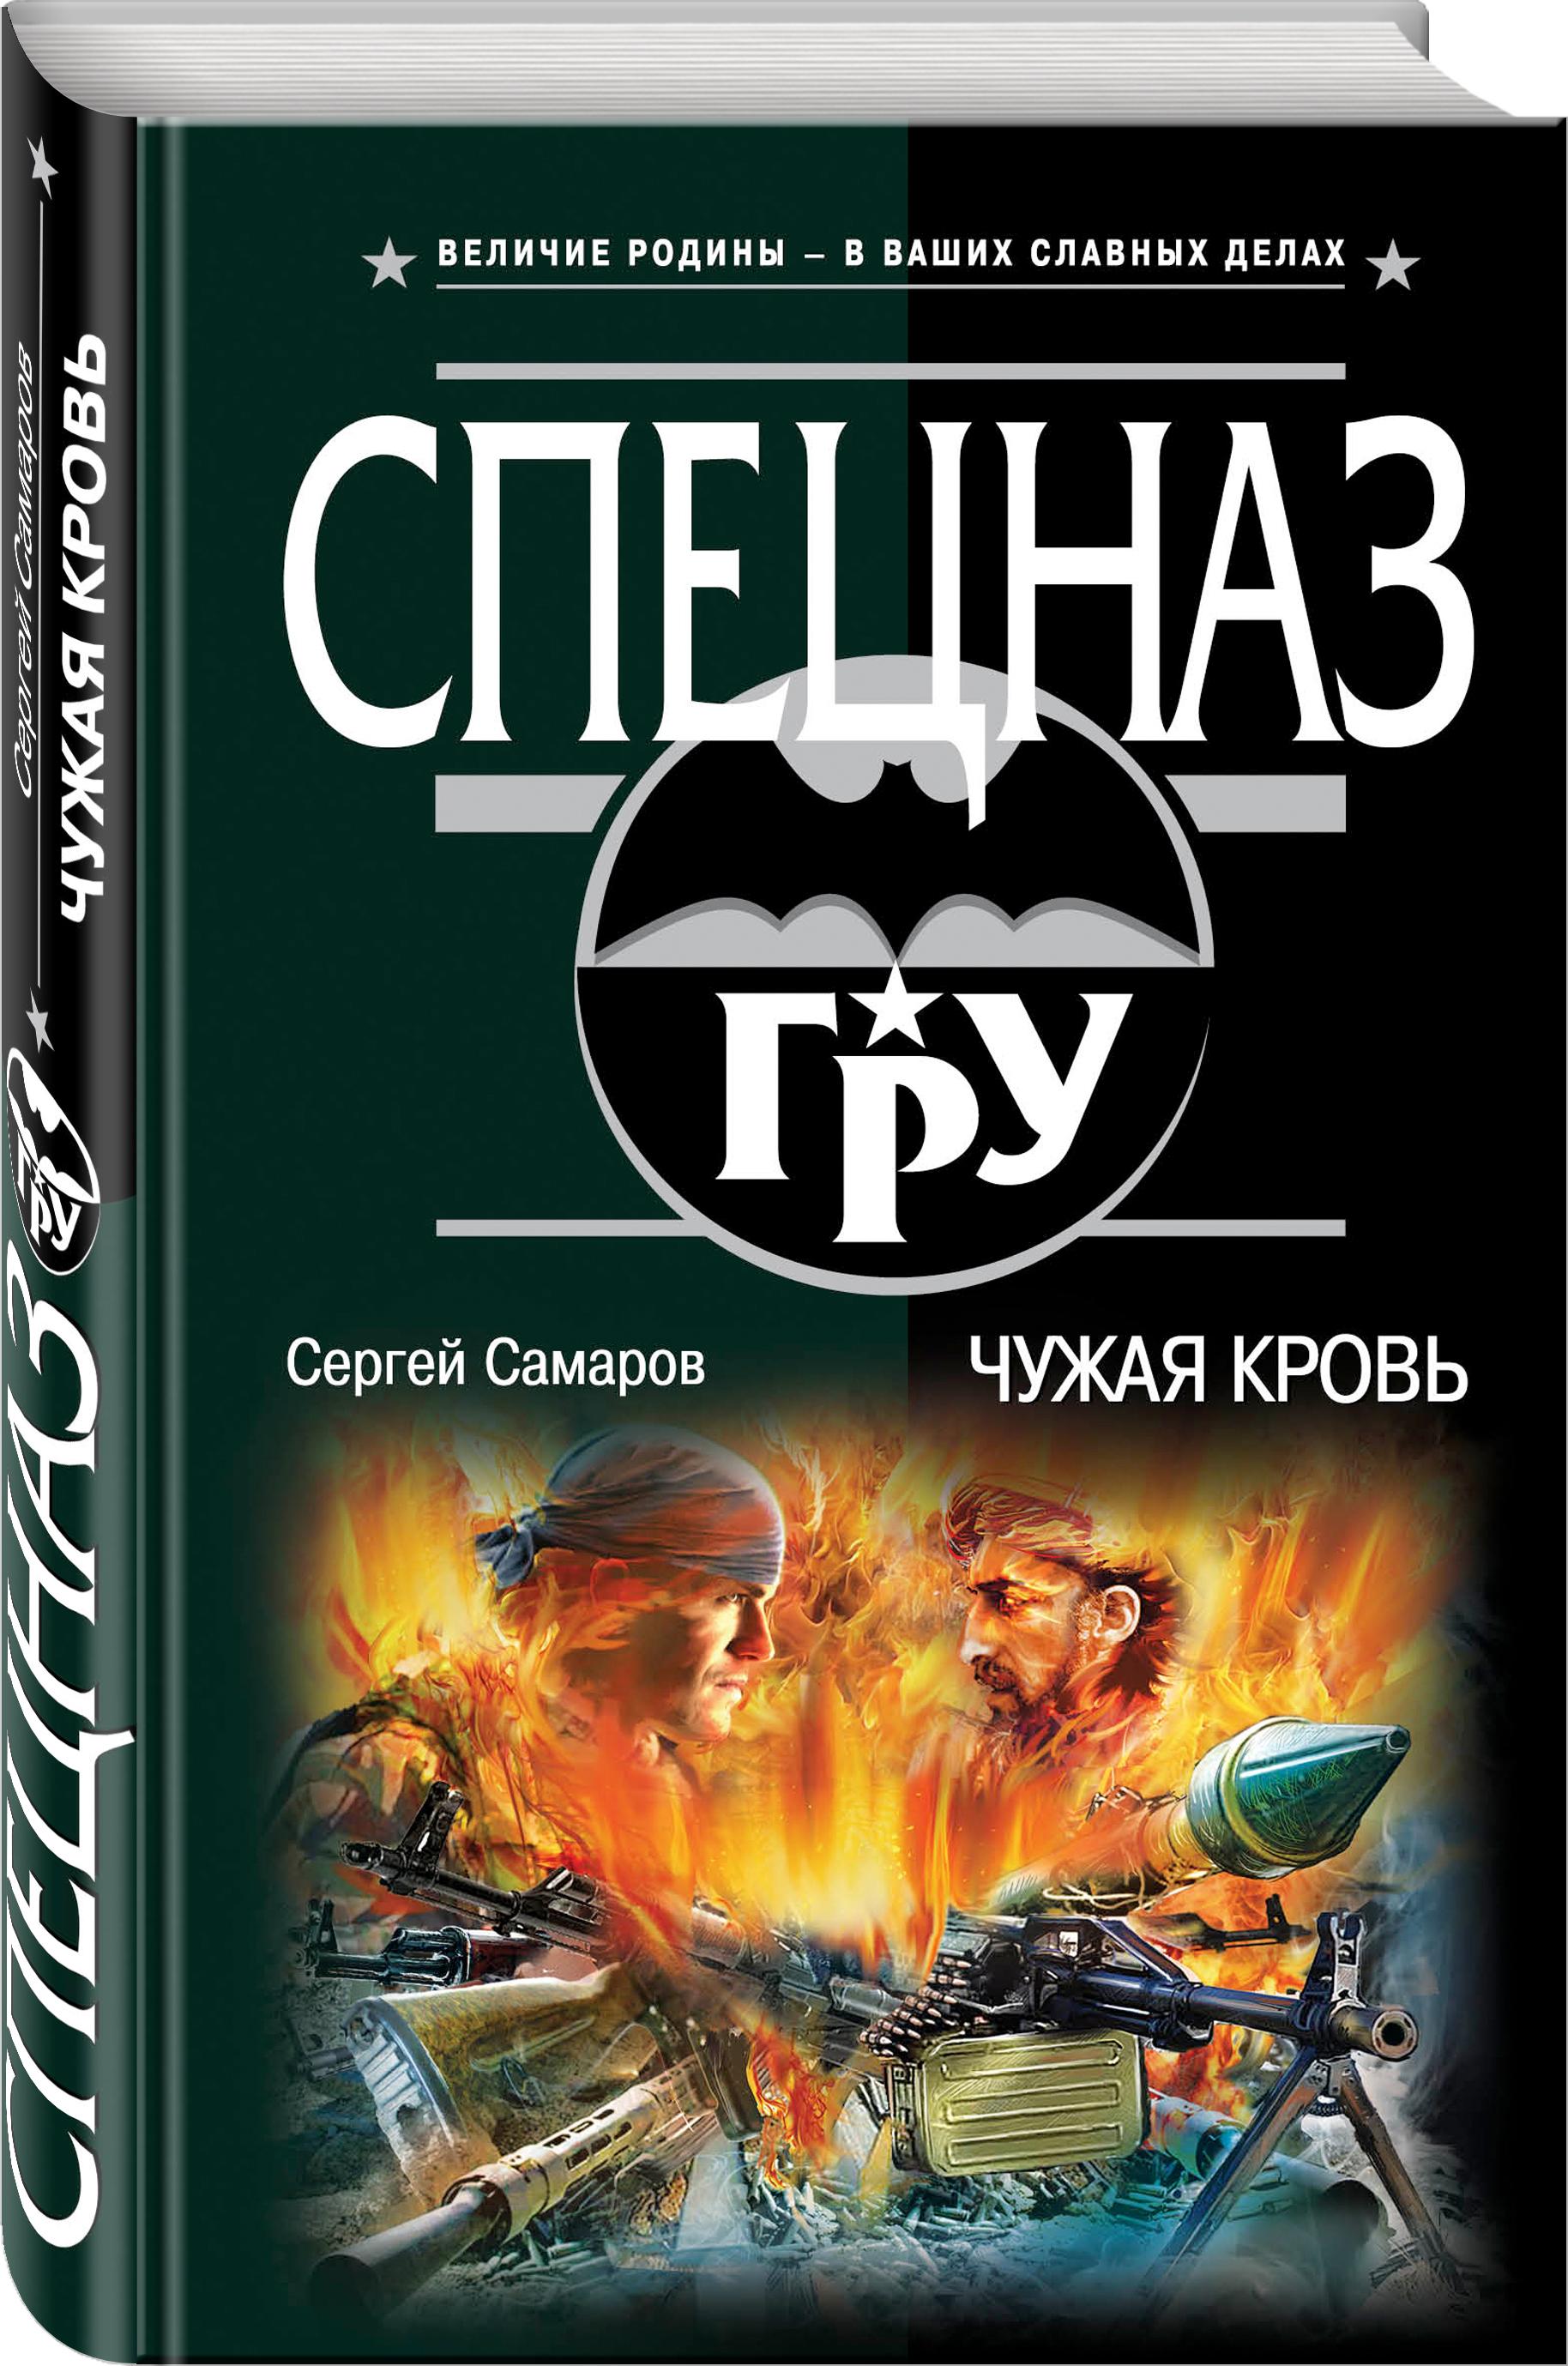 Чужая кровь ( Самаров С.В.  )